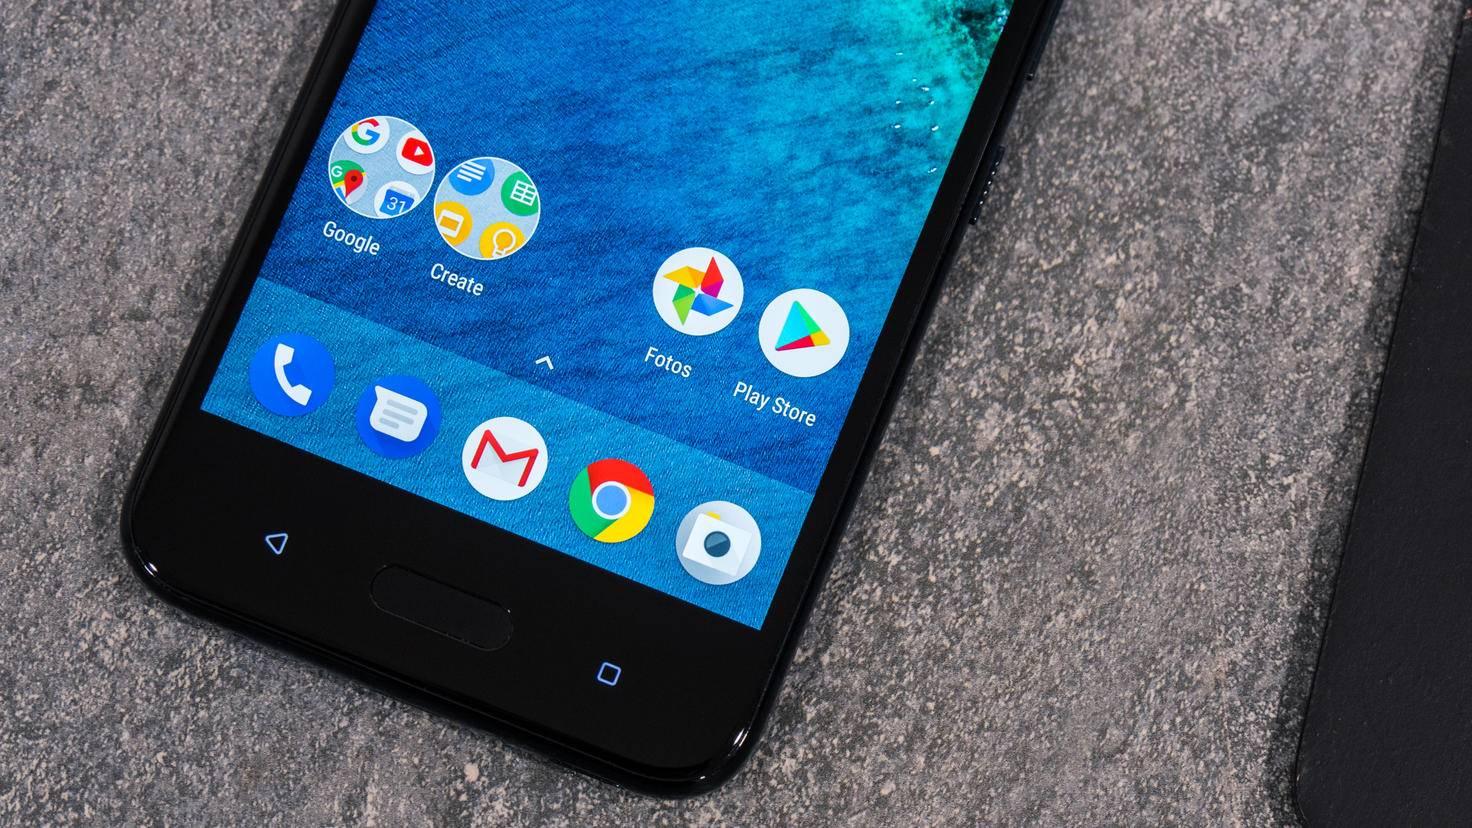 Das HTC U11 Life besitzt ein 5,2-Zoll-Display,